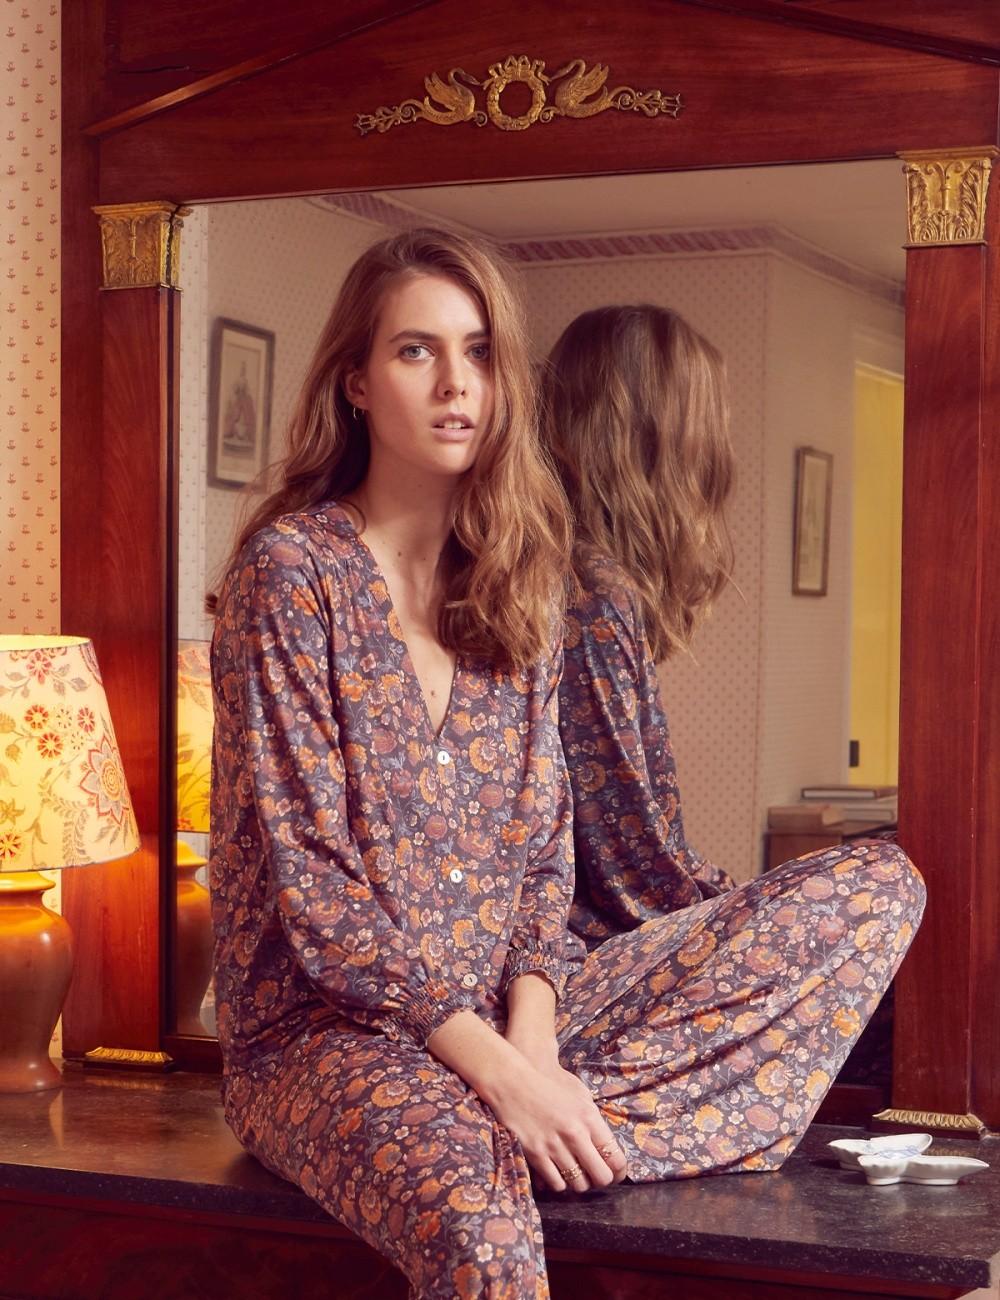 Blouse de pyjama hippie flowers LORIE - Boutique L'anana(s)